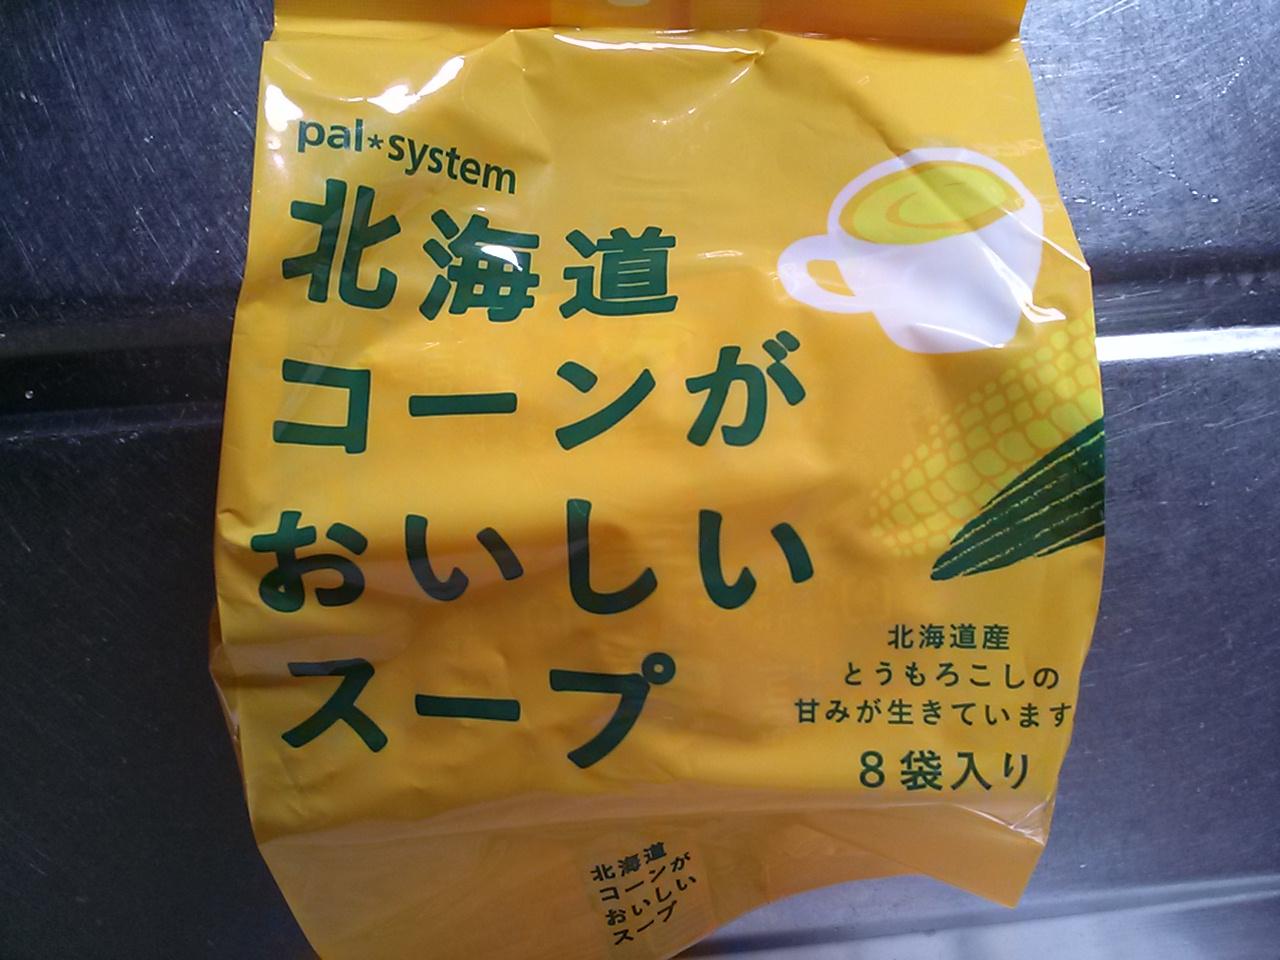 食材宅配パルシステムの北海道コーンがおいしいスープをお試ししてみたよ